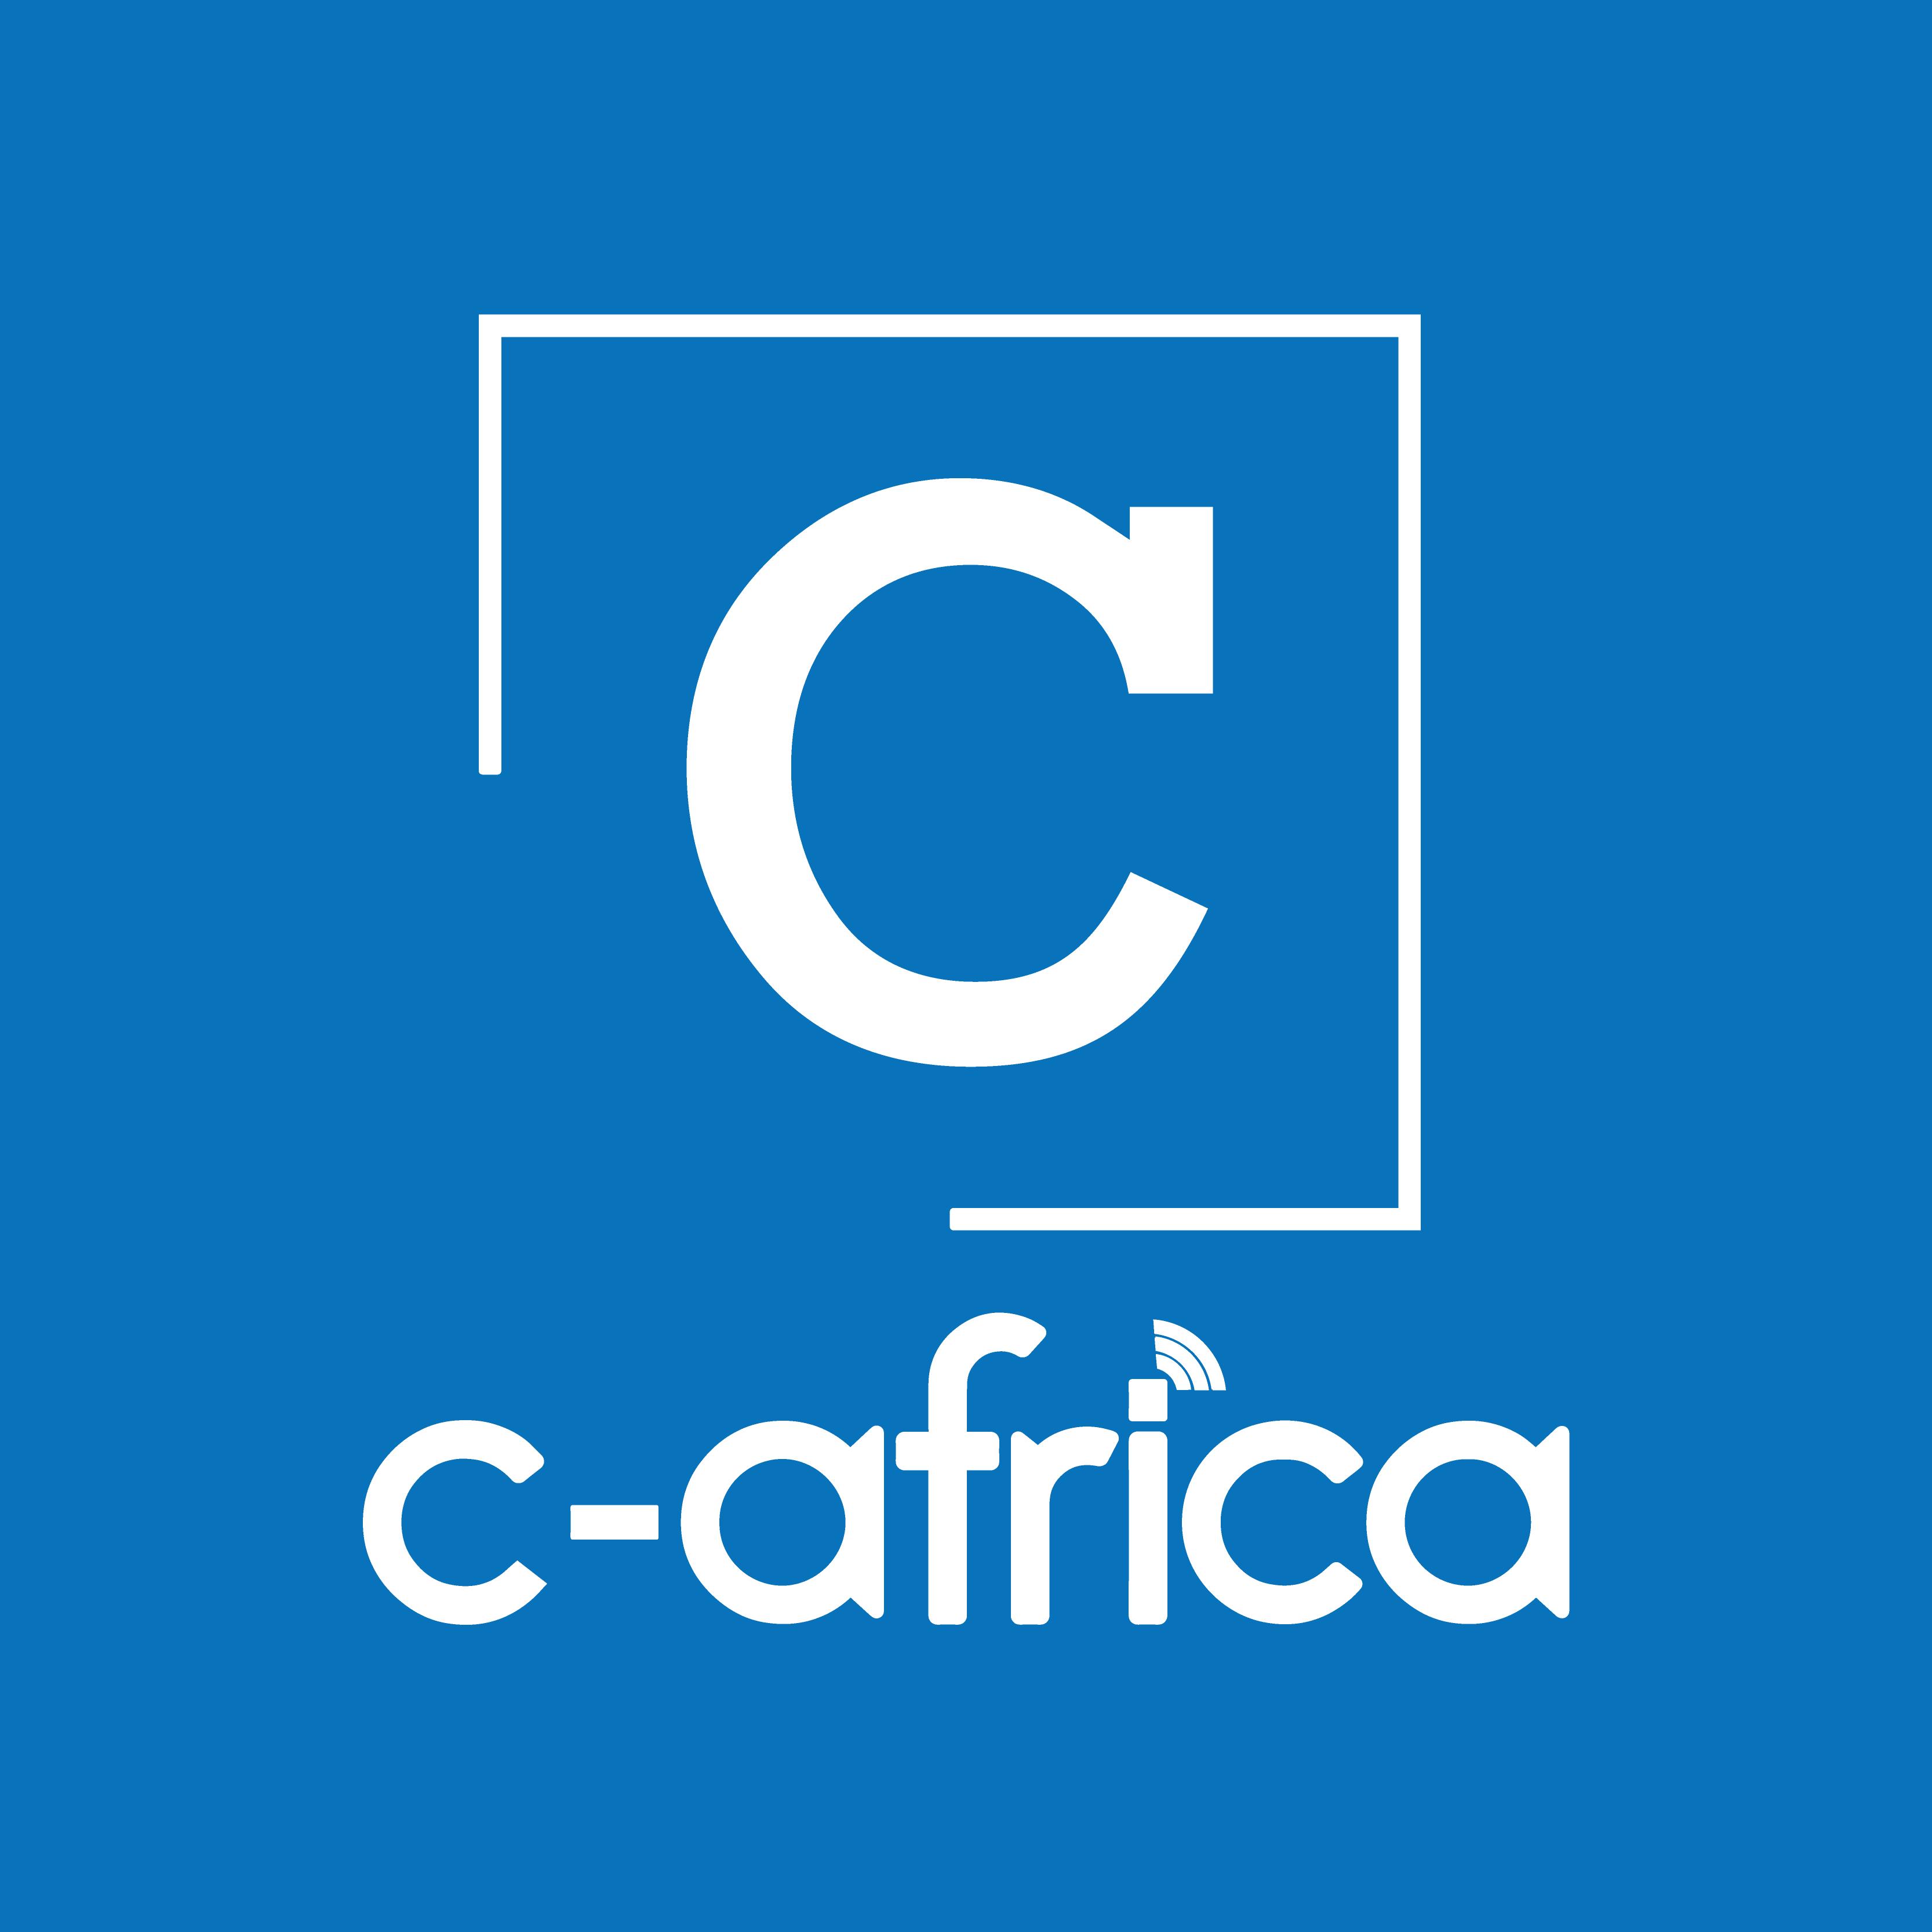 C-AFRICA